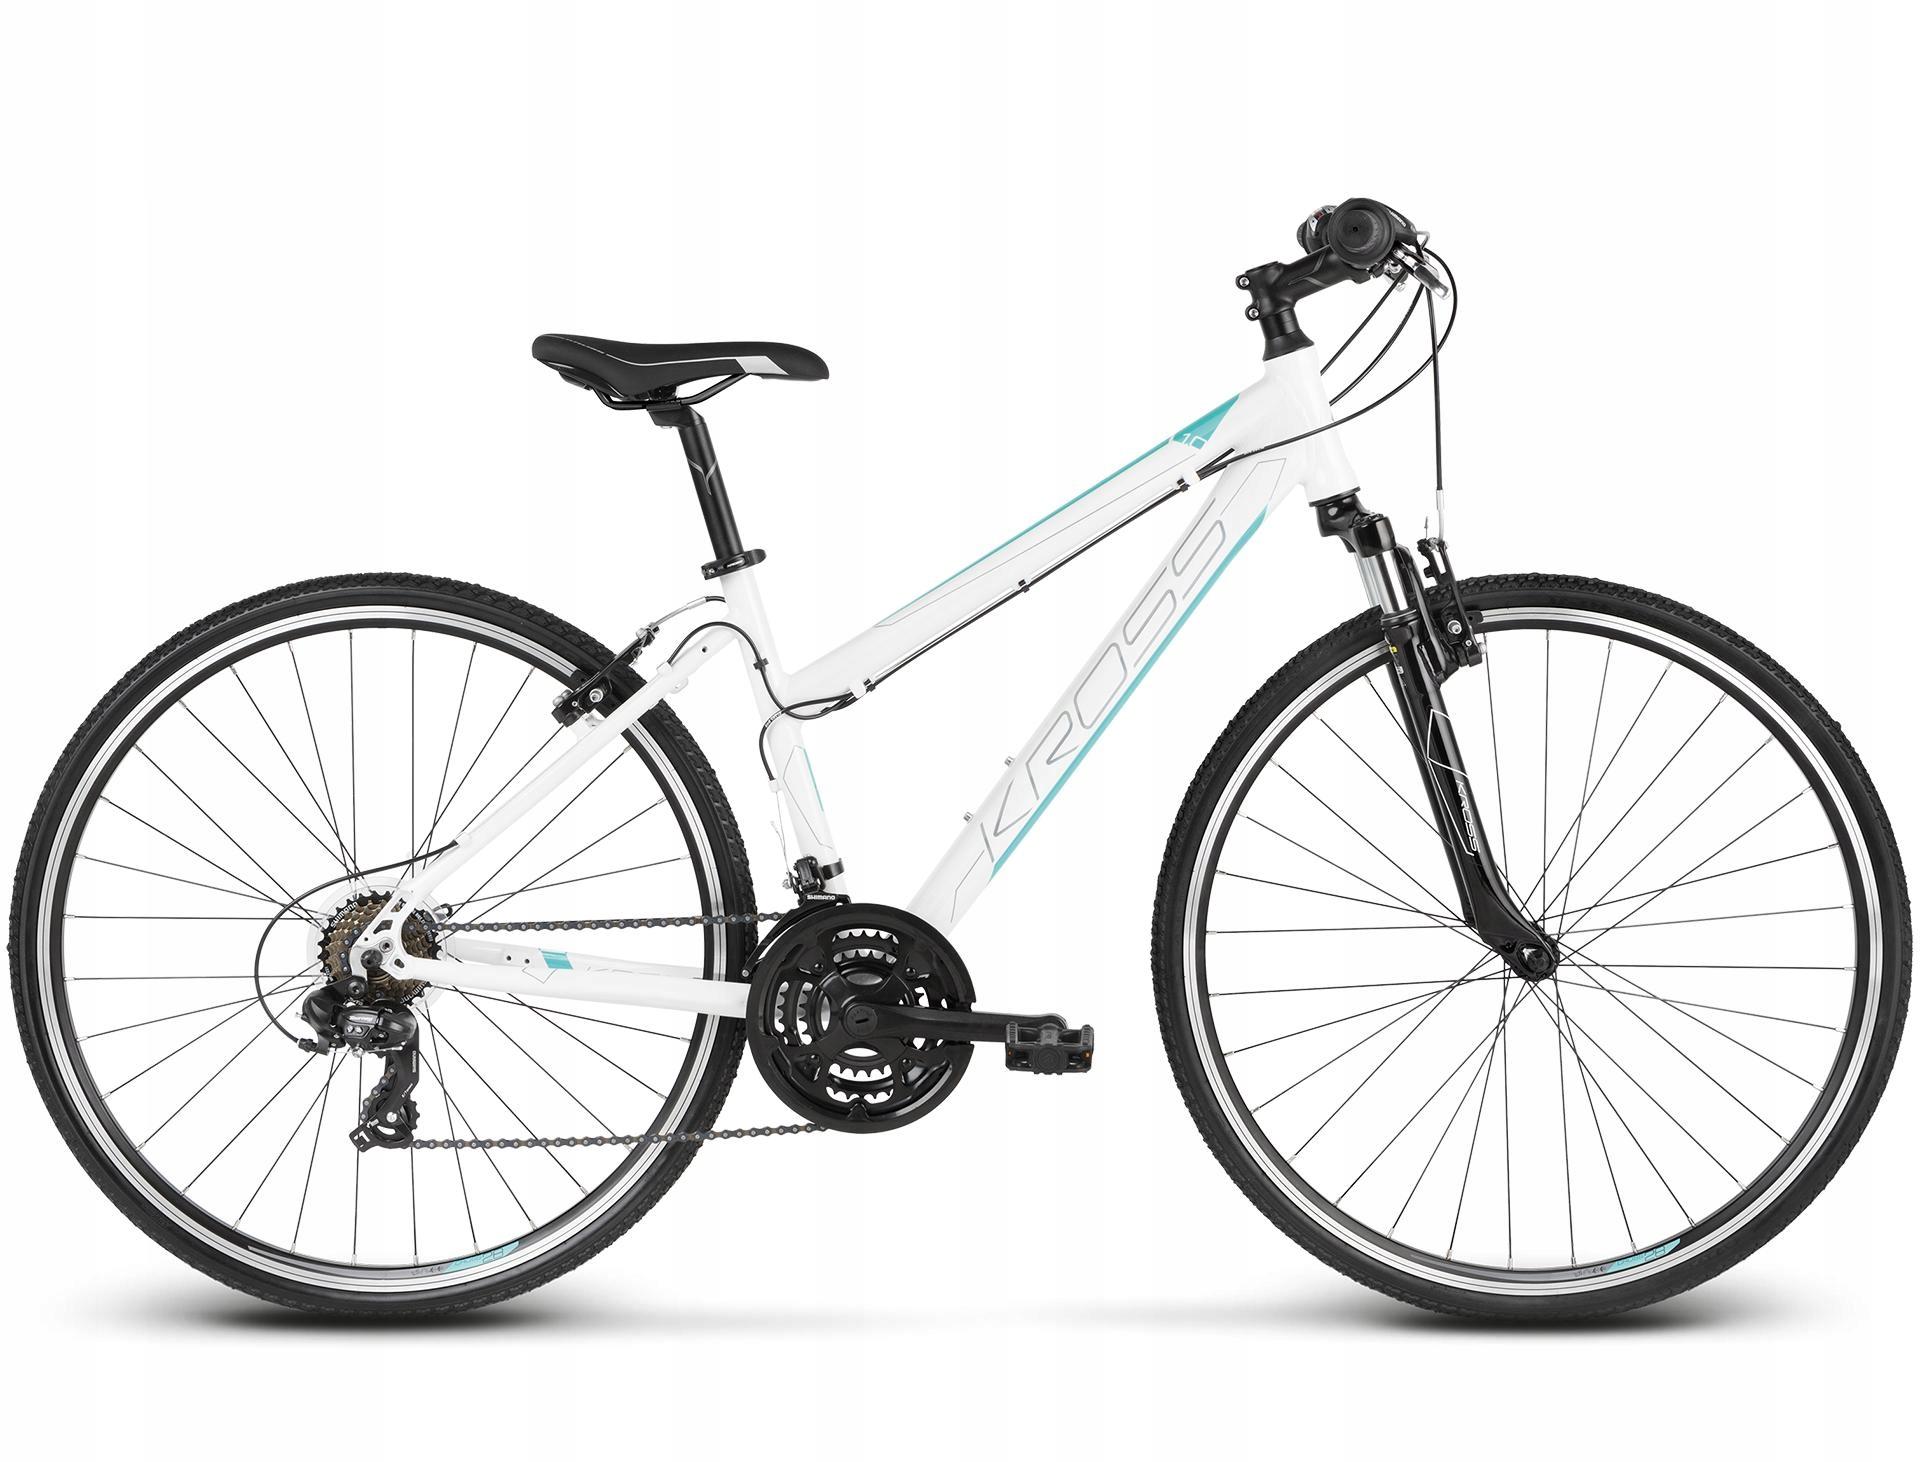 Rower Kross Evado 1.0 W biały/turkusowy r.dm-17